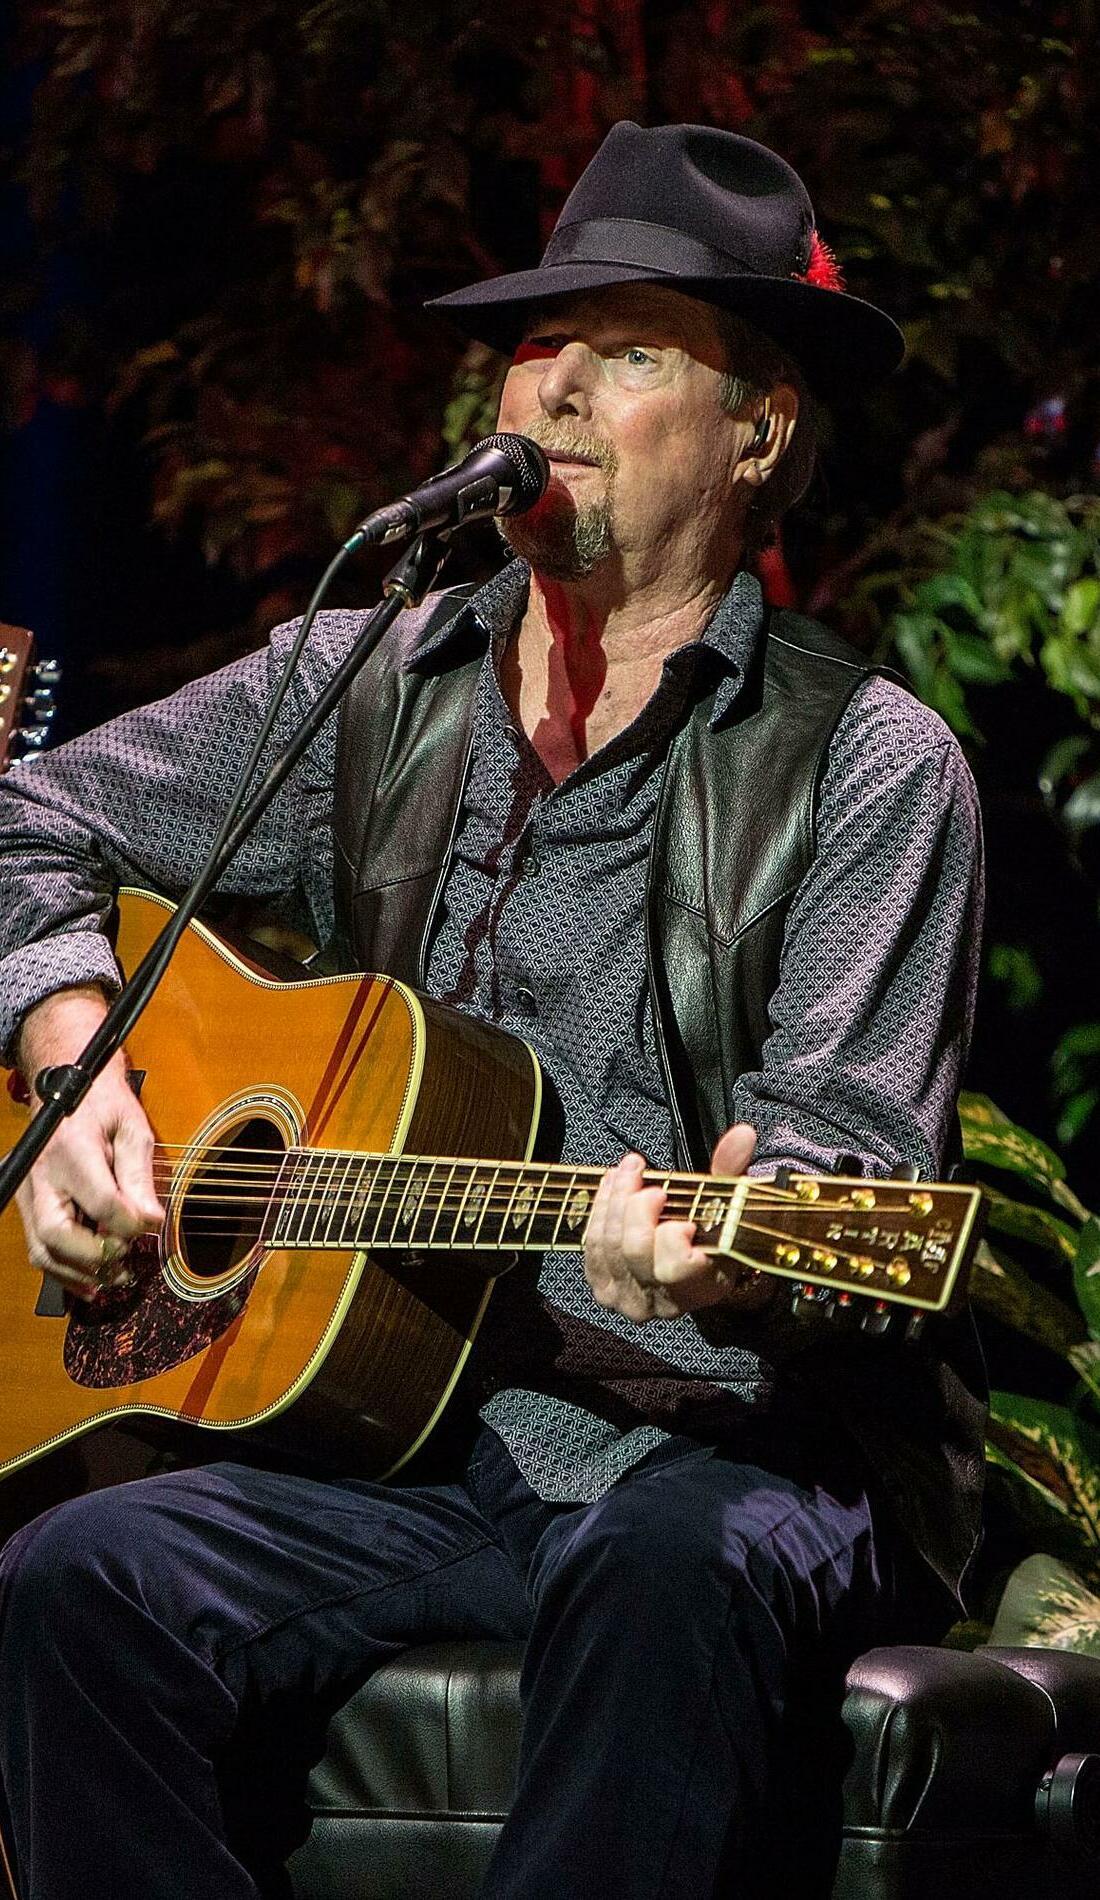 A Roger McGuinn live event